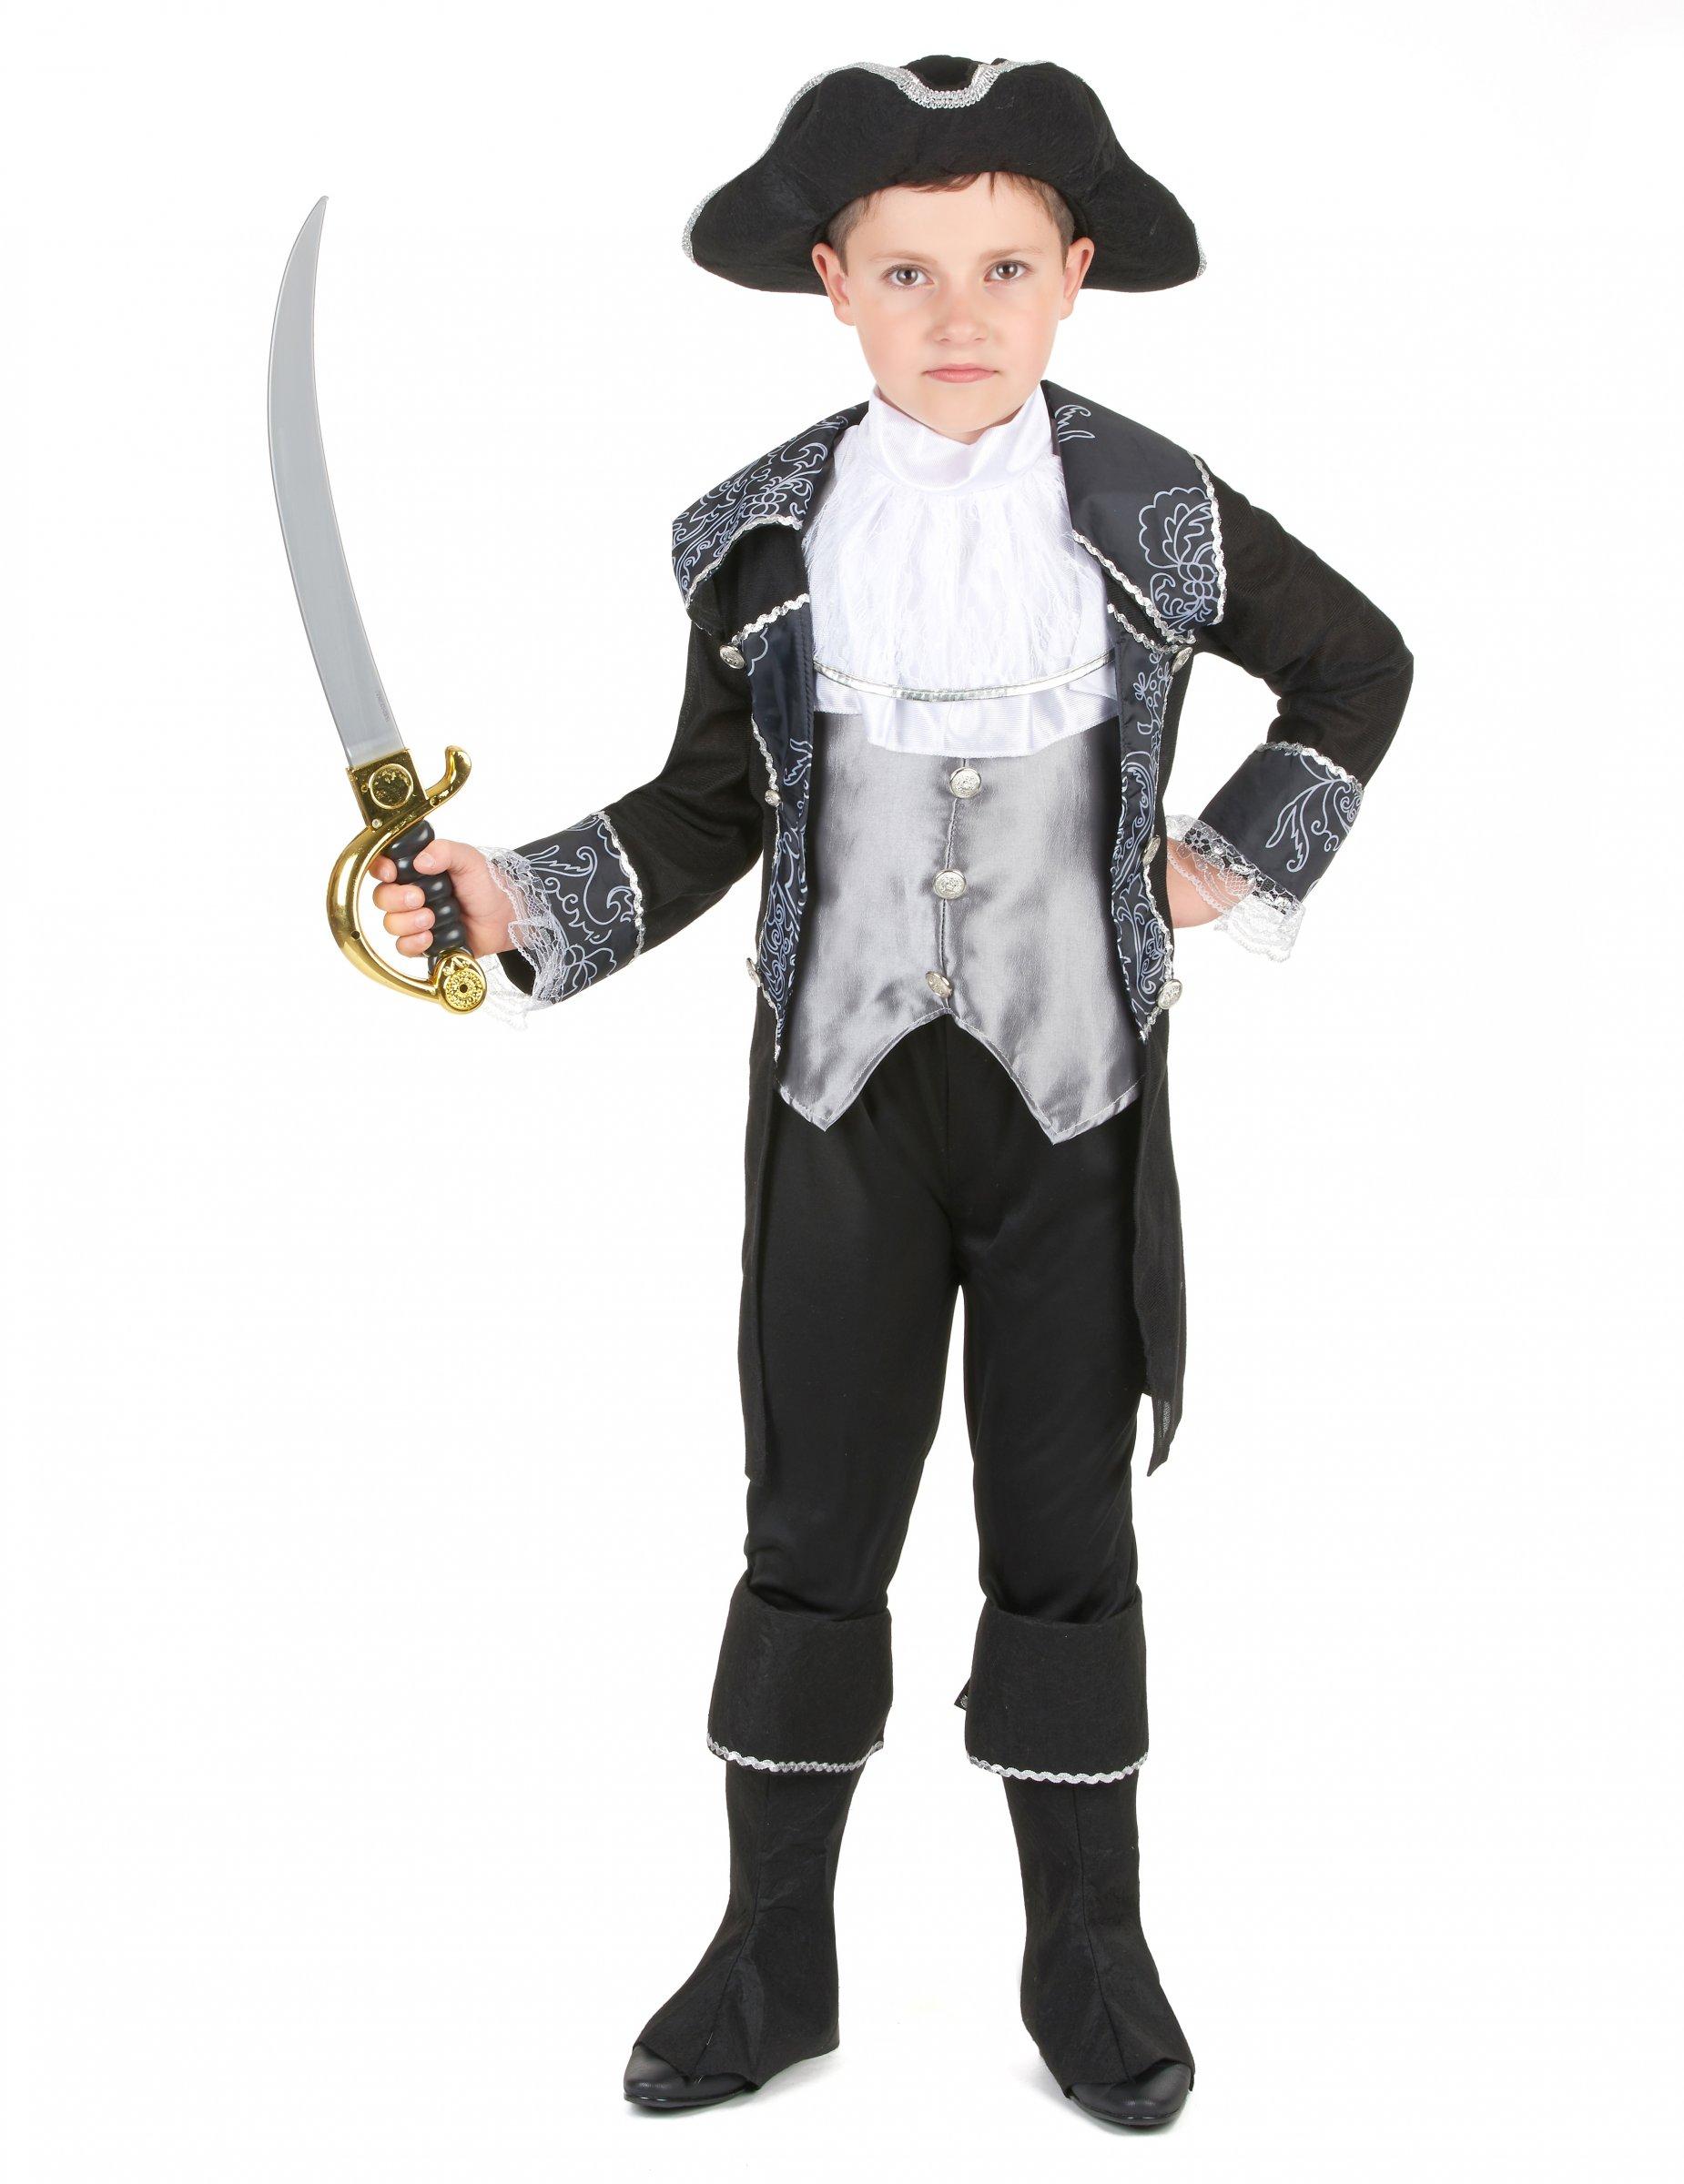 Edles Piraten Kostum Jungen Kostume Fur Kinder Und Gunstige